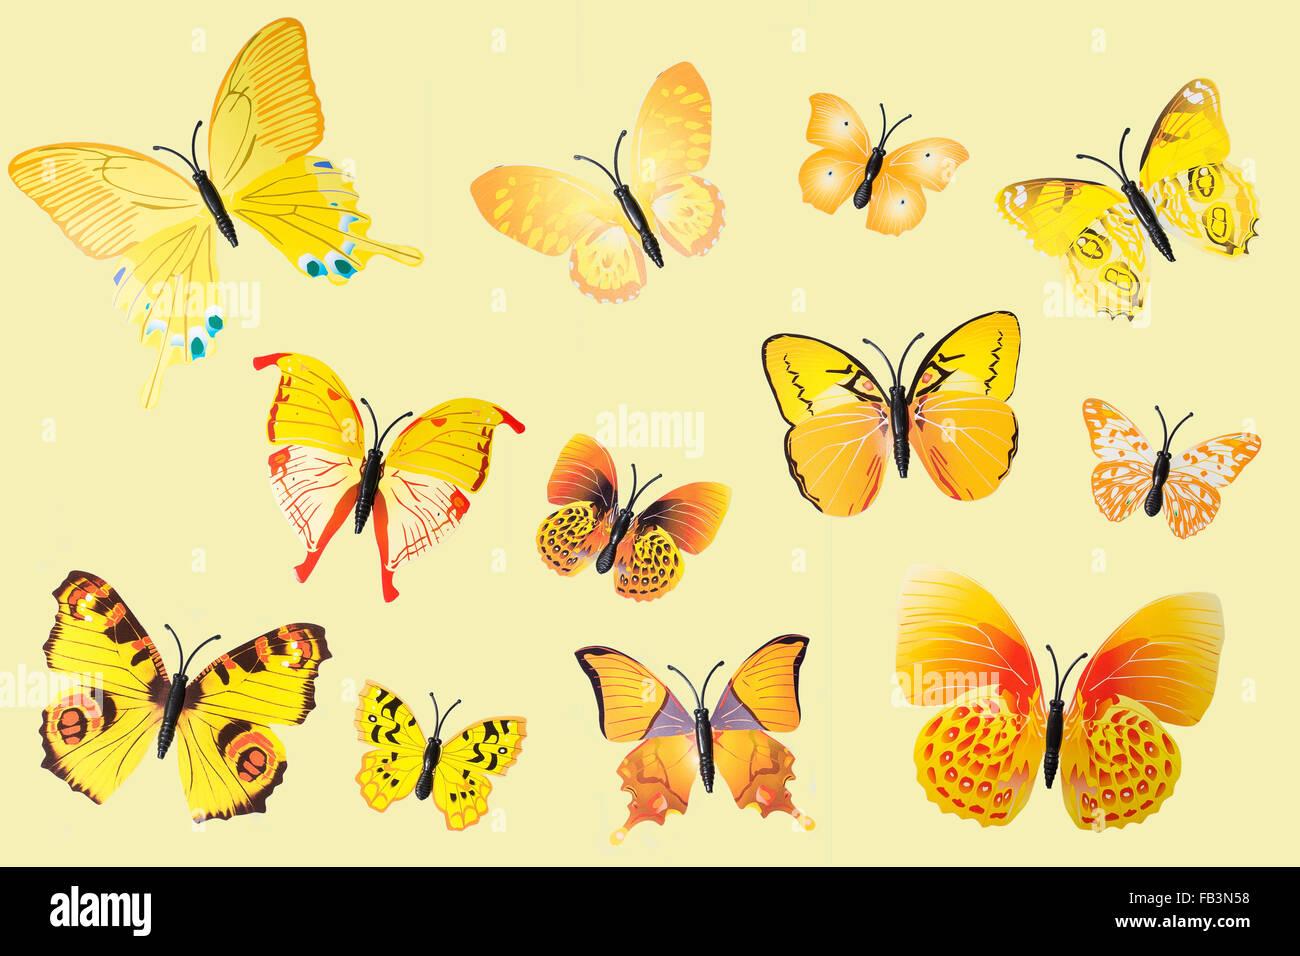 Colección de imágenes prediseñadas mariposas fantasía amarillo Imagen De Stock